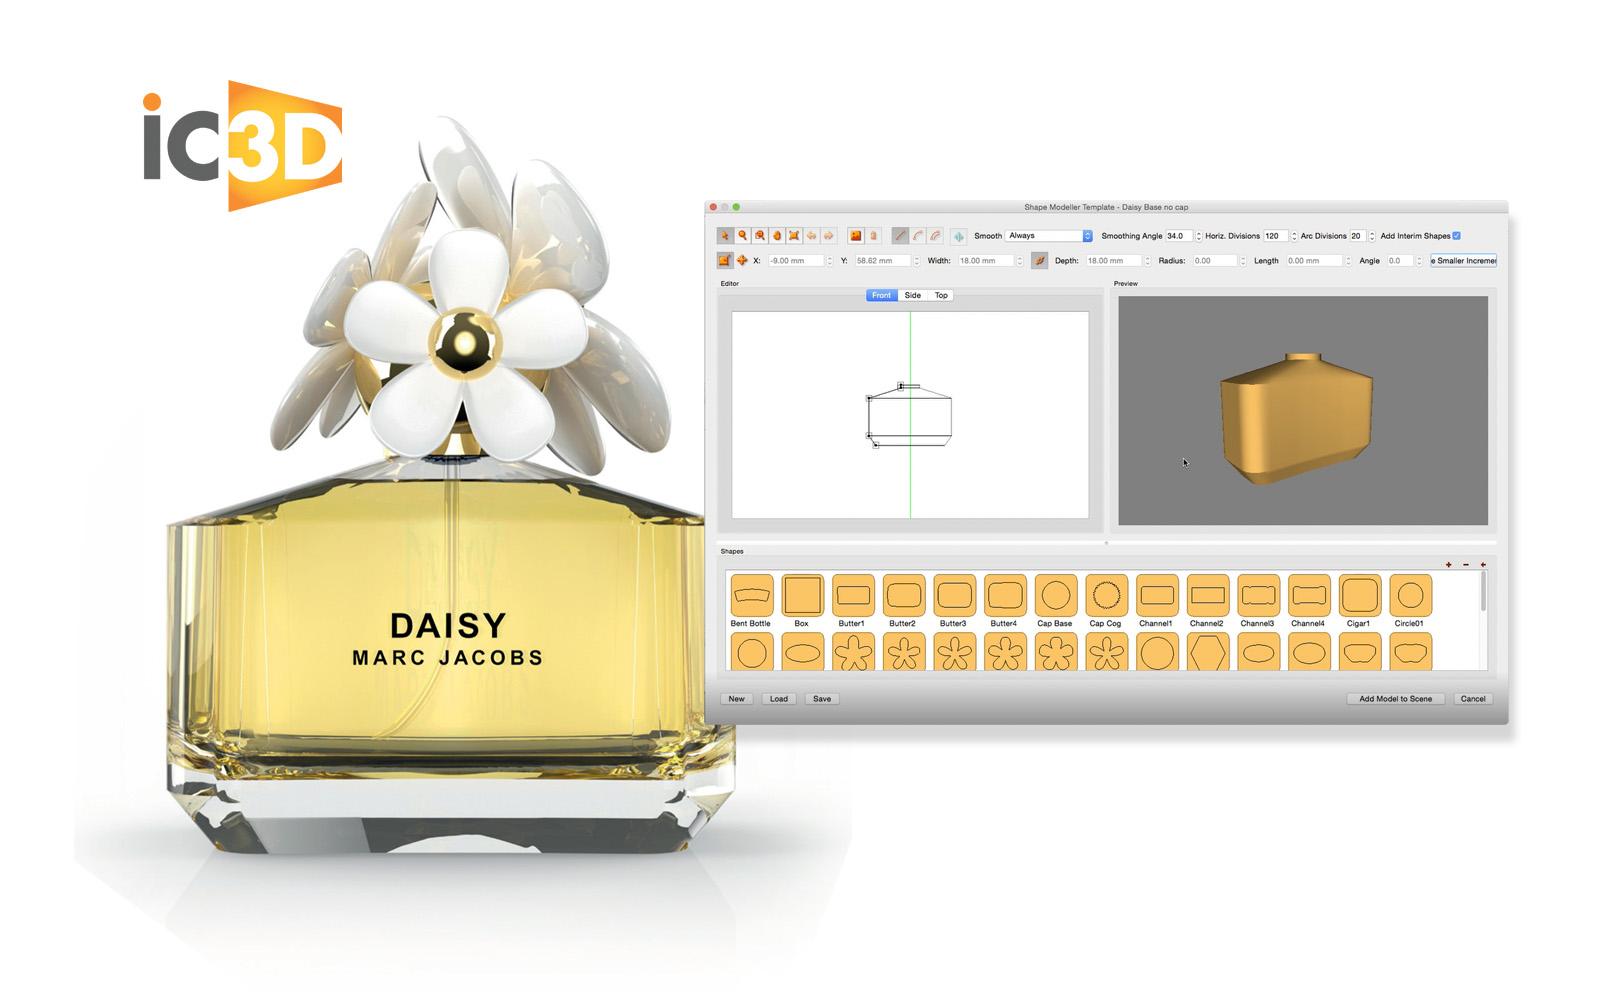 Con IC3D creare un modello 3D per il packaging di un profumo è semplice e veloce